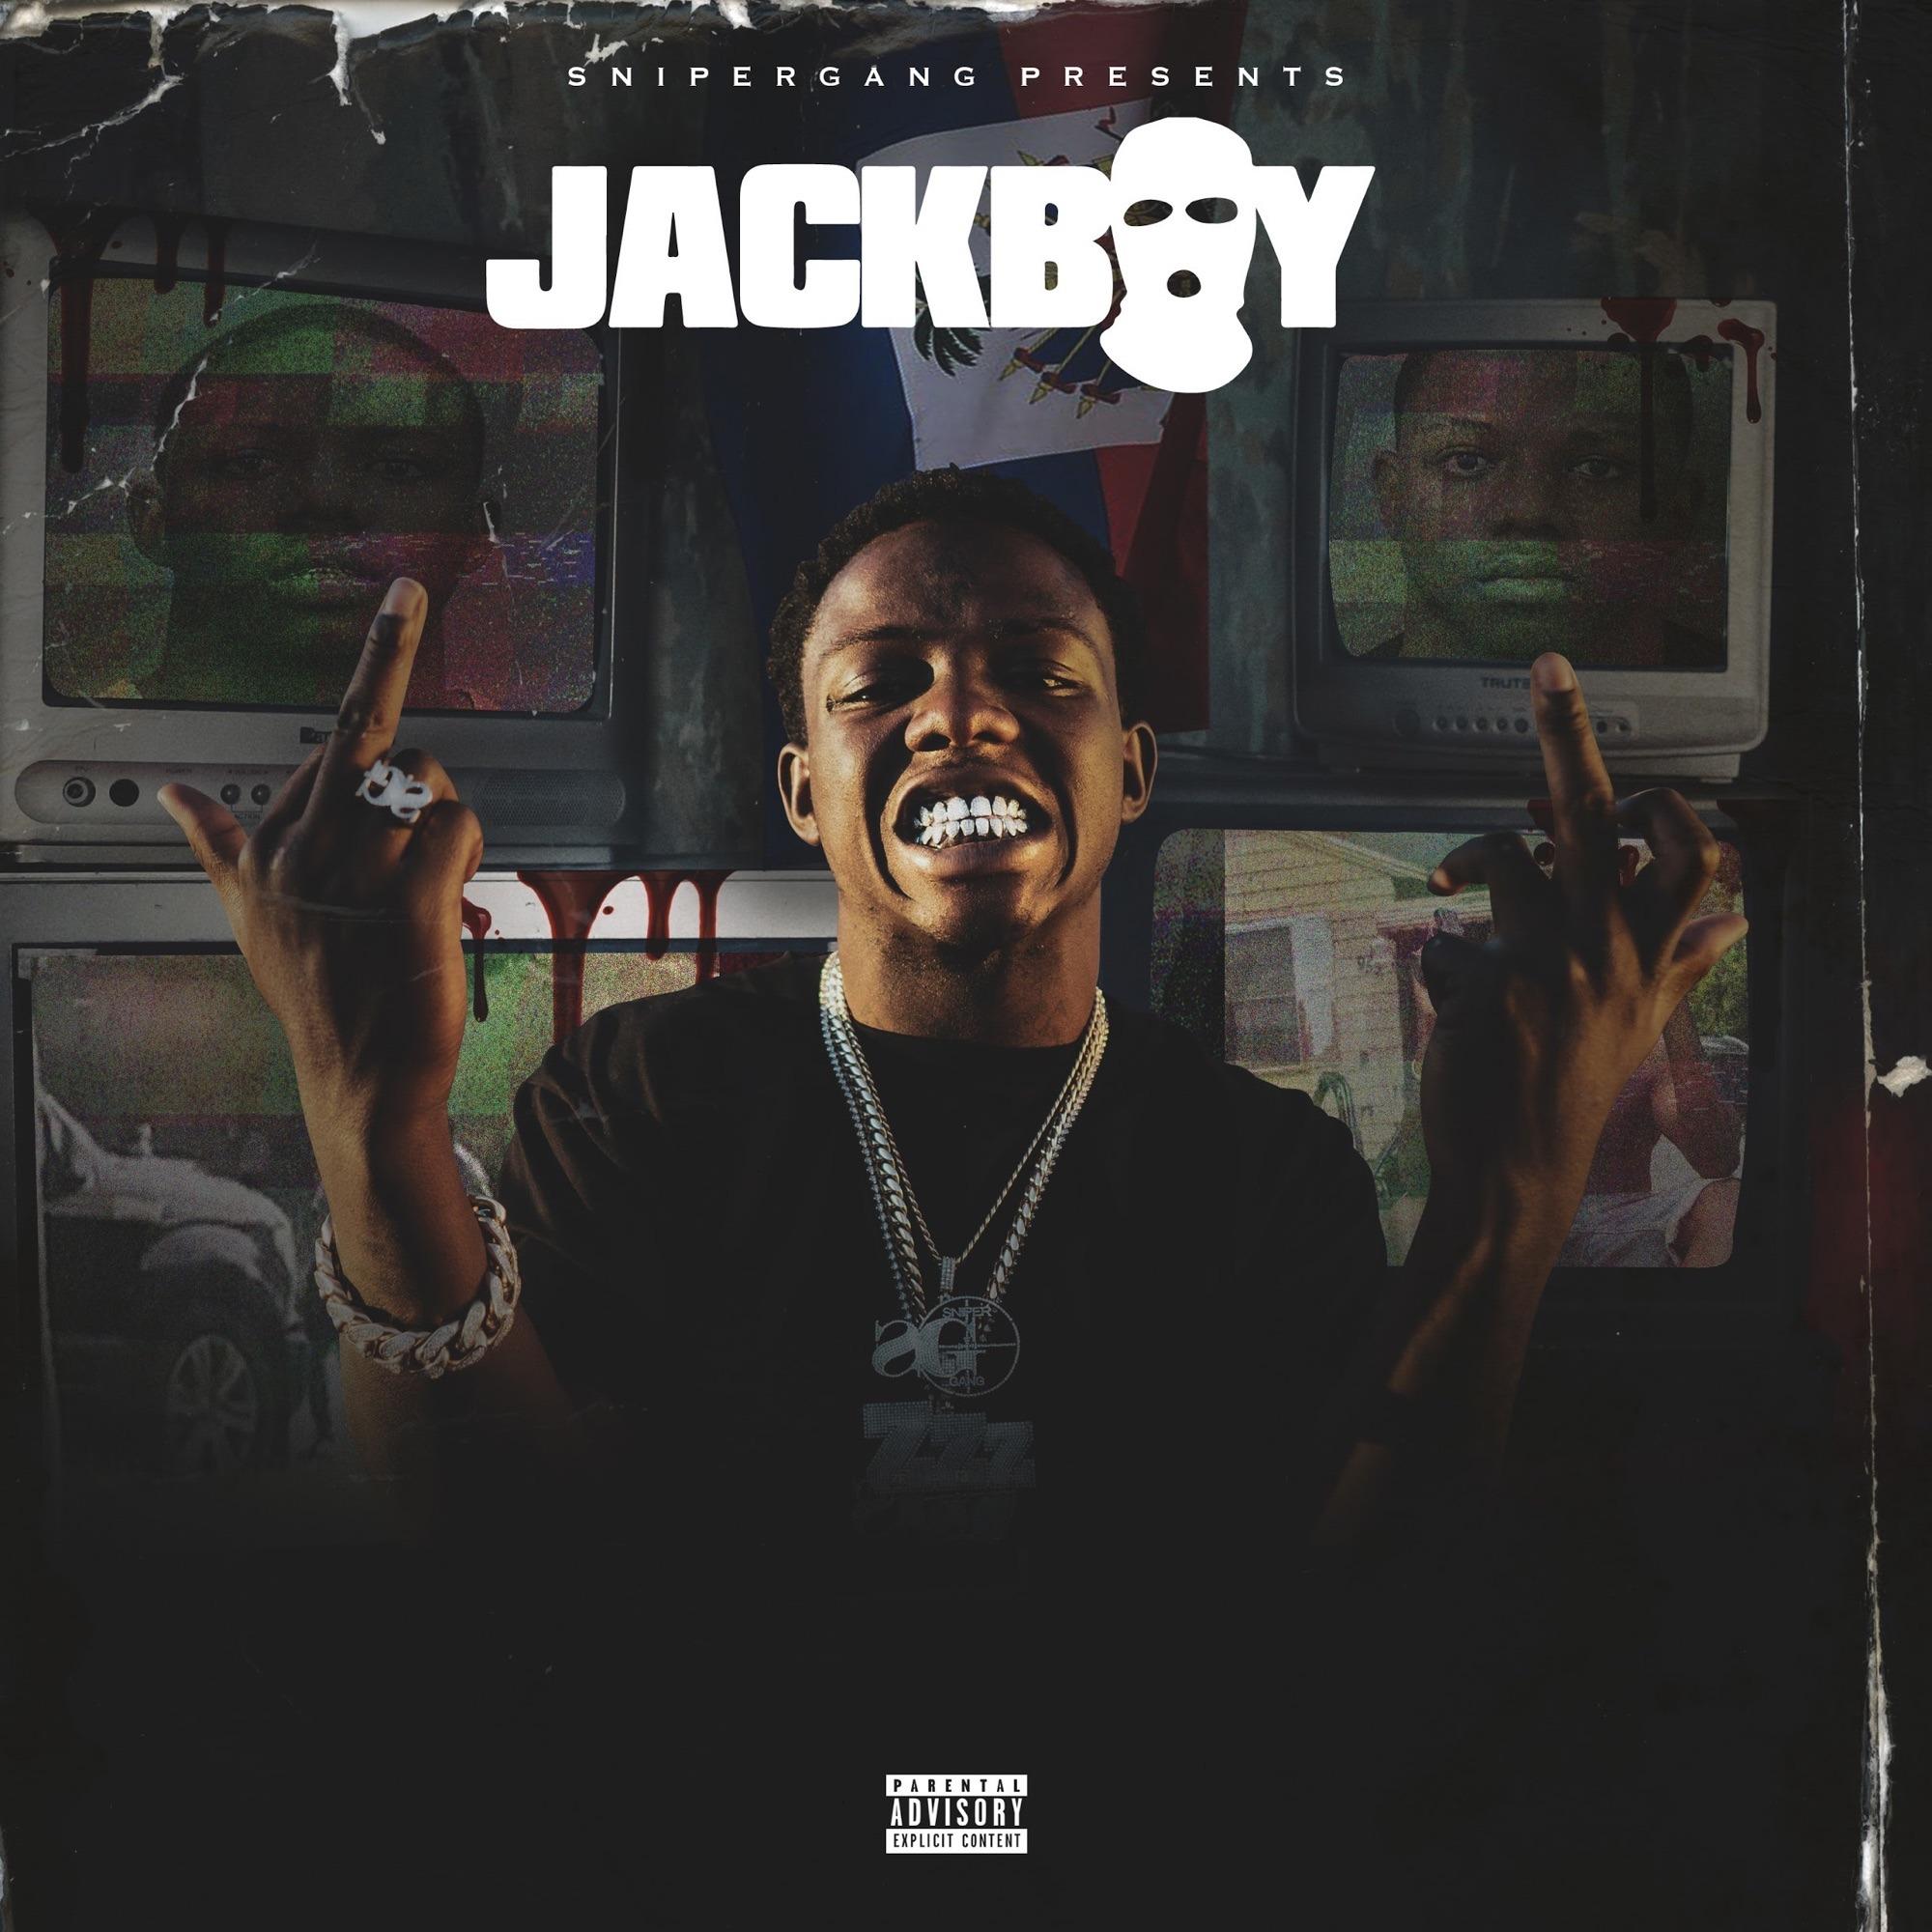 Jackboy – Jackboy